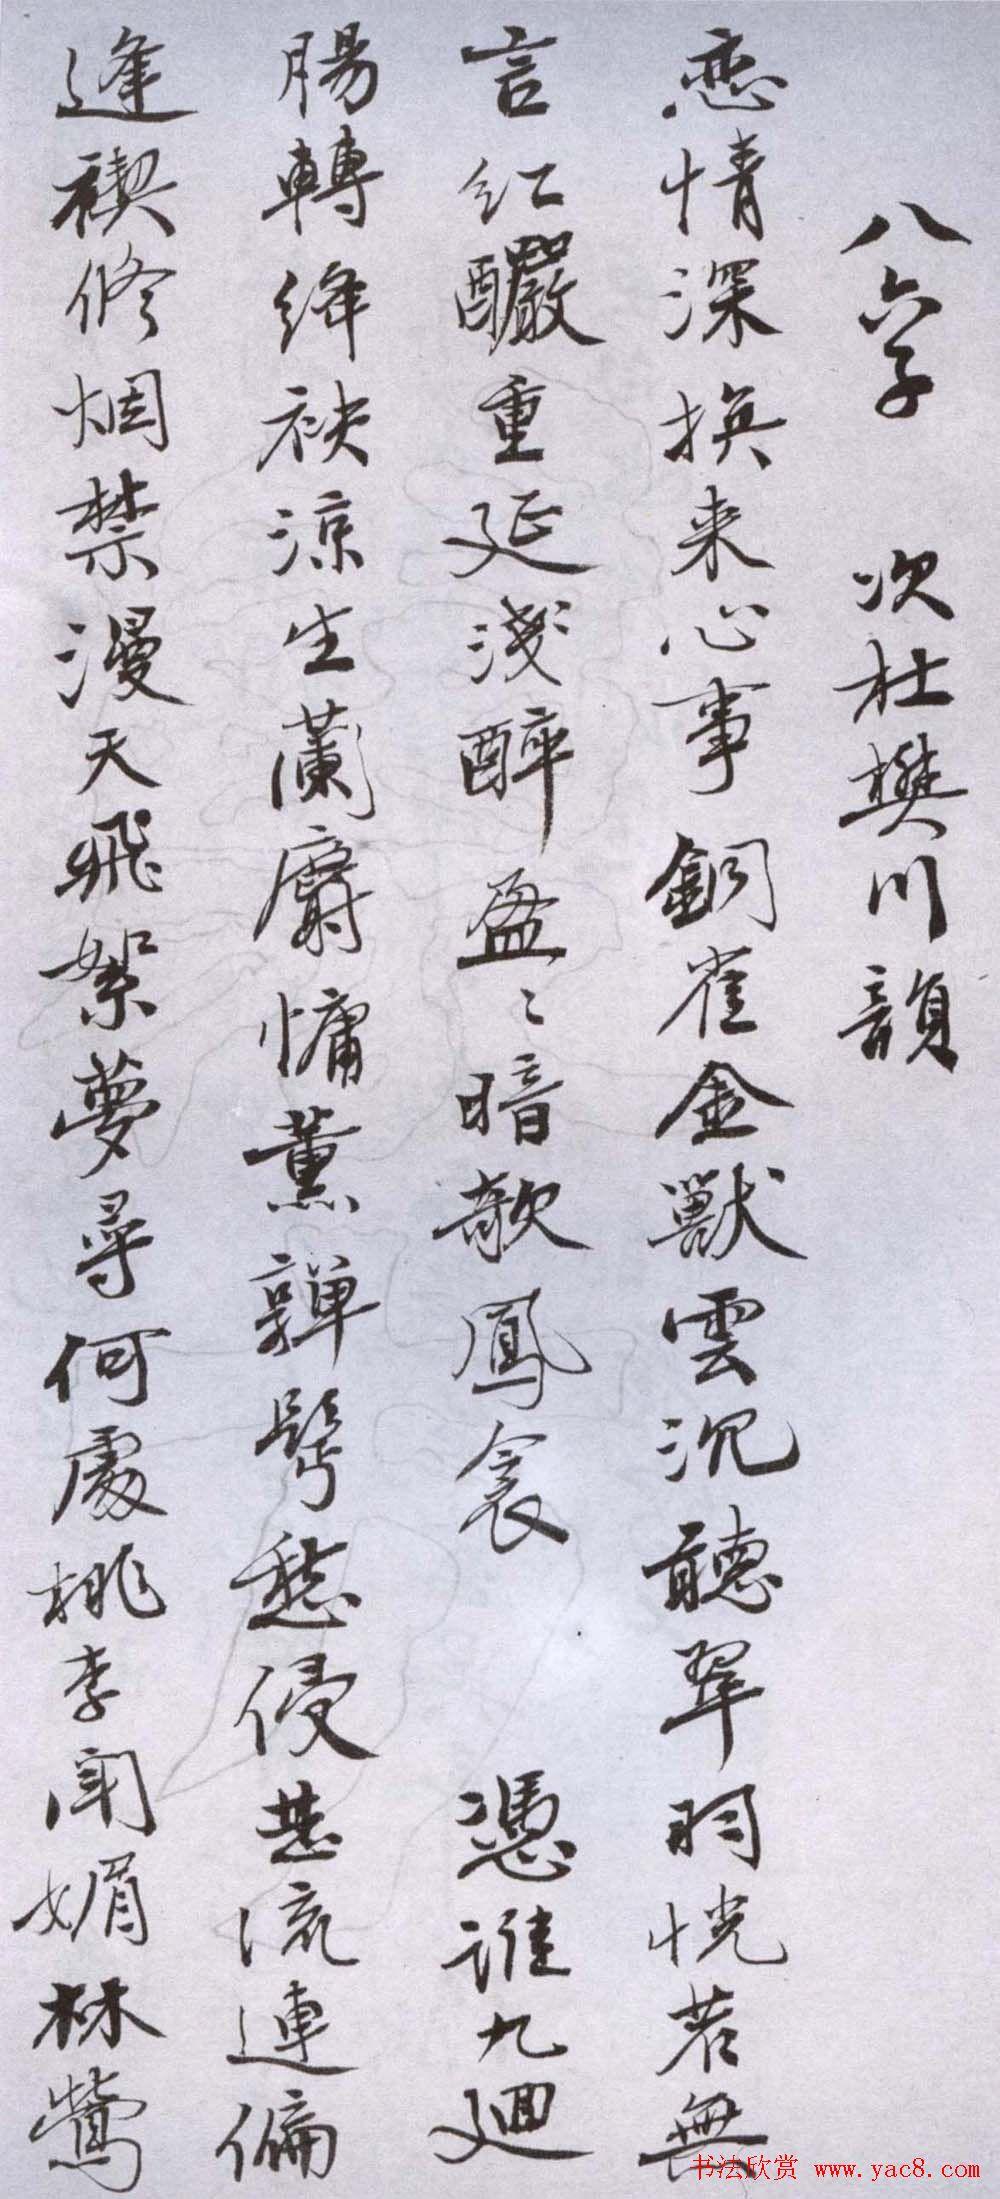 吴湖帆行楷书法欣赏《佞宋词痕册》